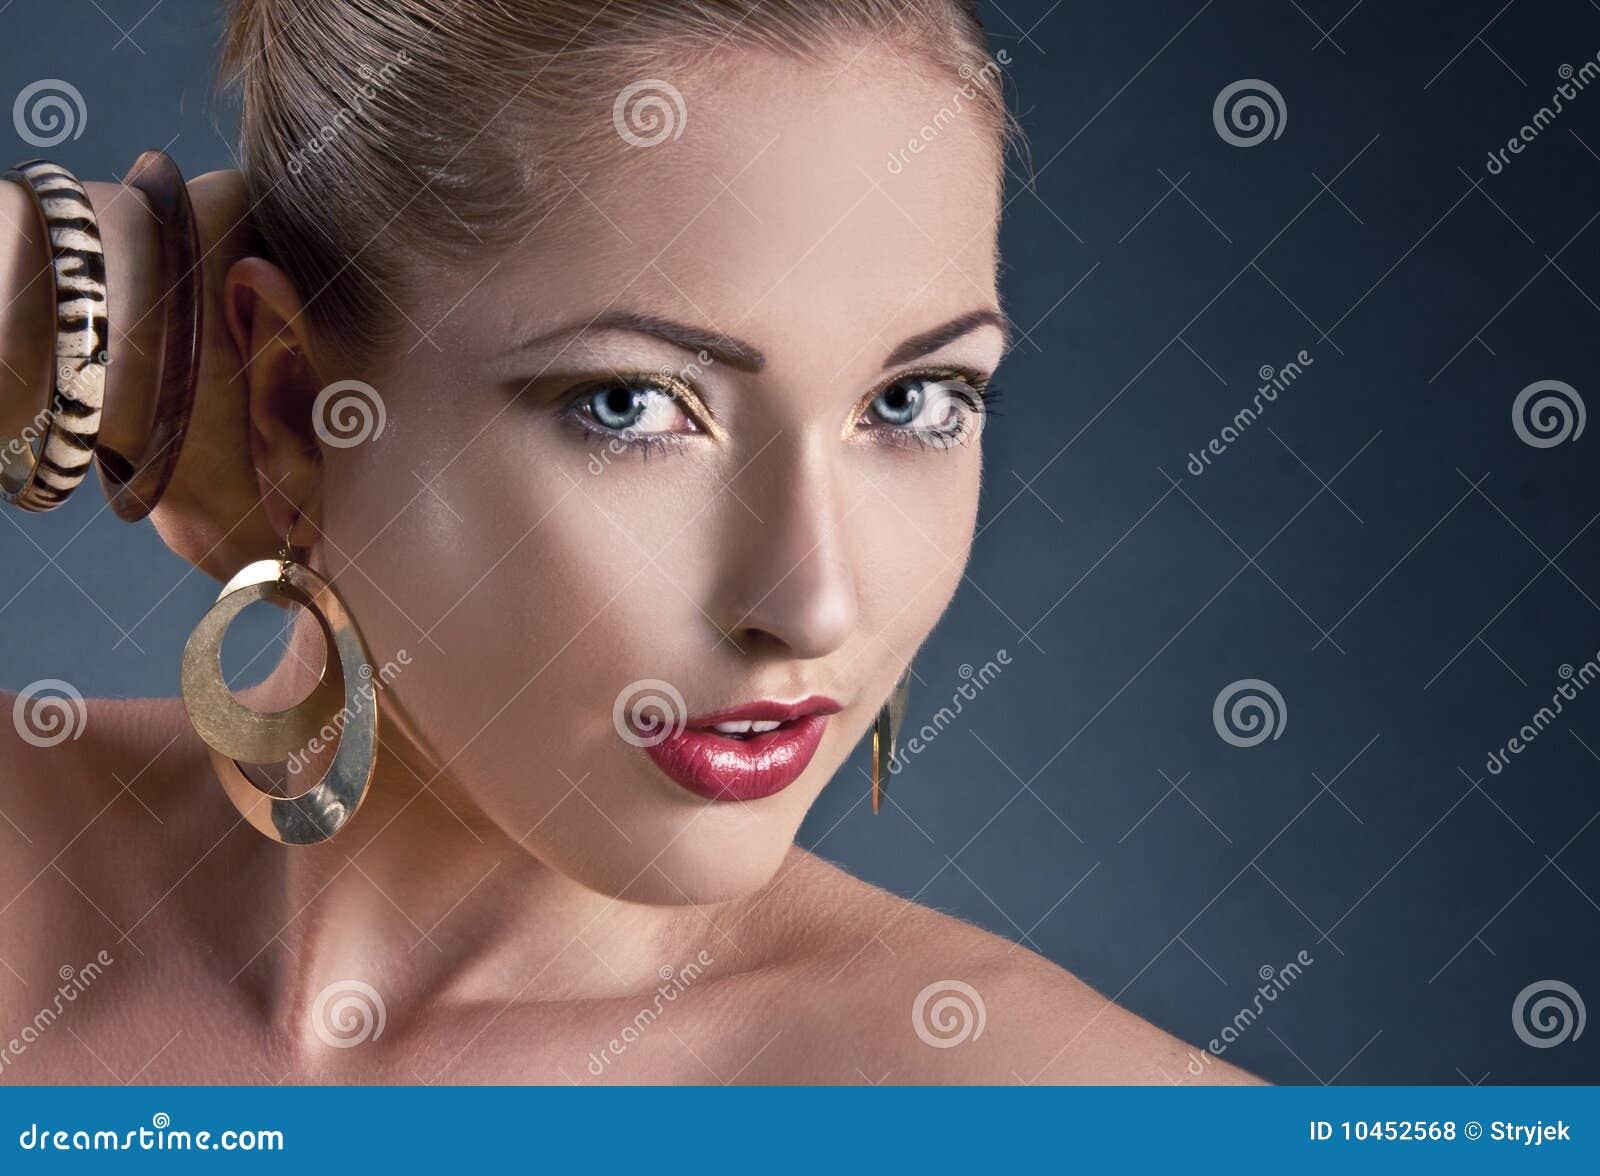 Woman Fashion Art Beautiful Woman 71